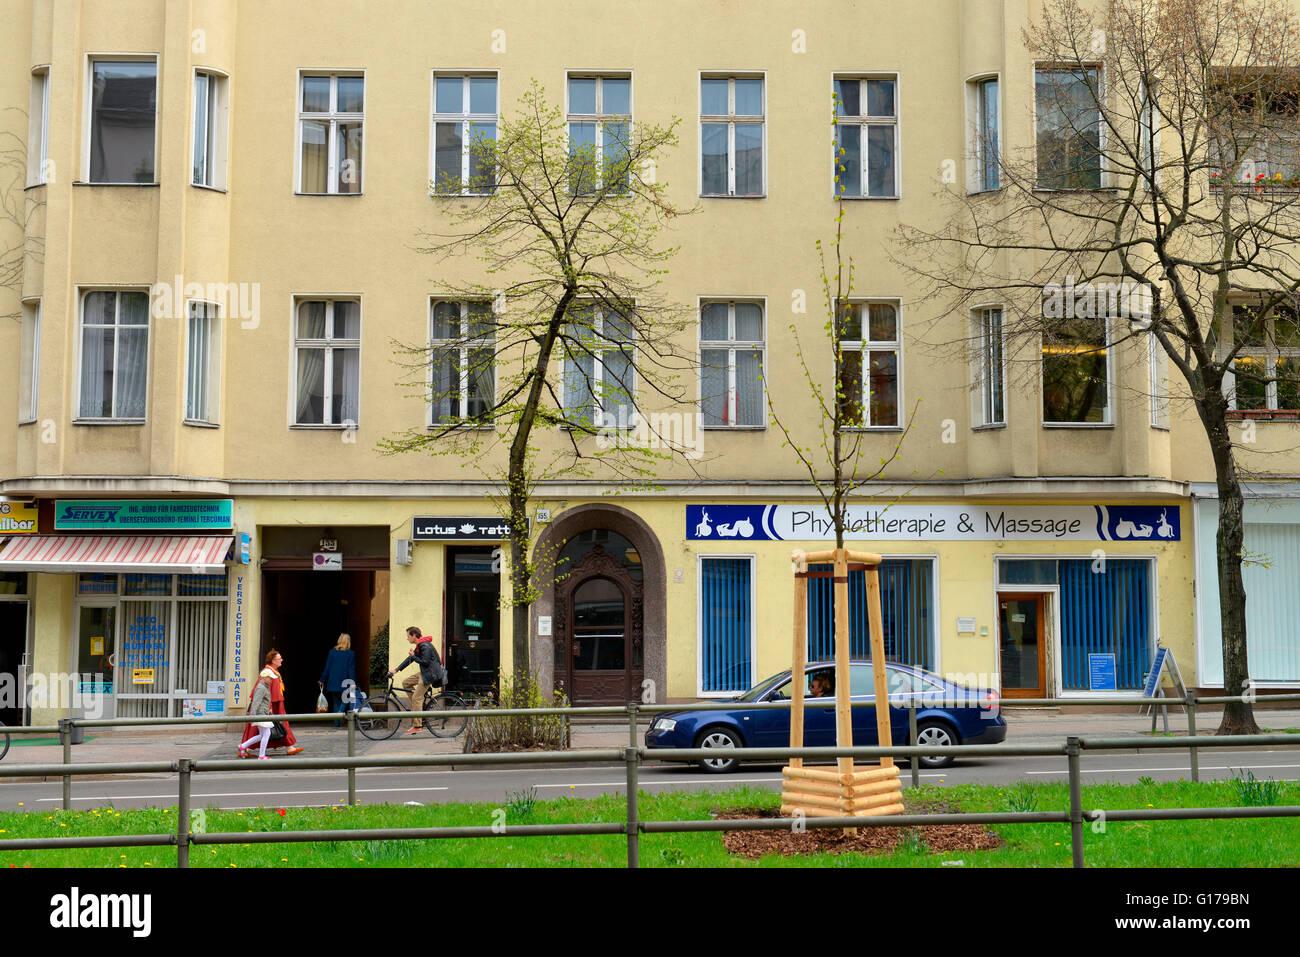 Wohnhaus, David Bowie, Hauptstrasse 155, Schoeneberg, Berlin, Deutschland / Schöeneberg - Stock Image